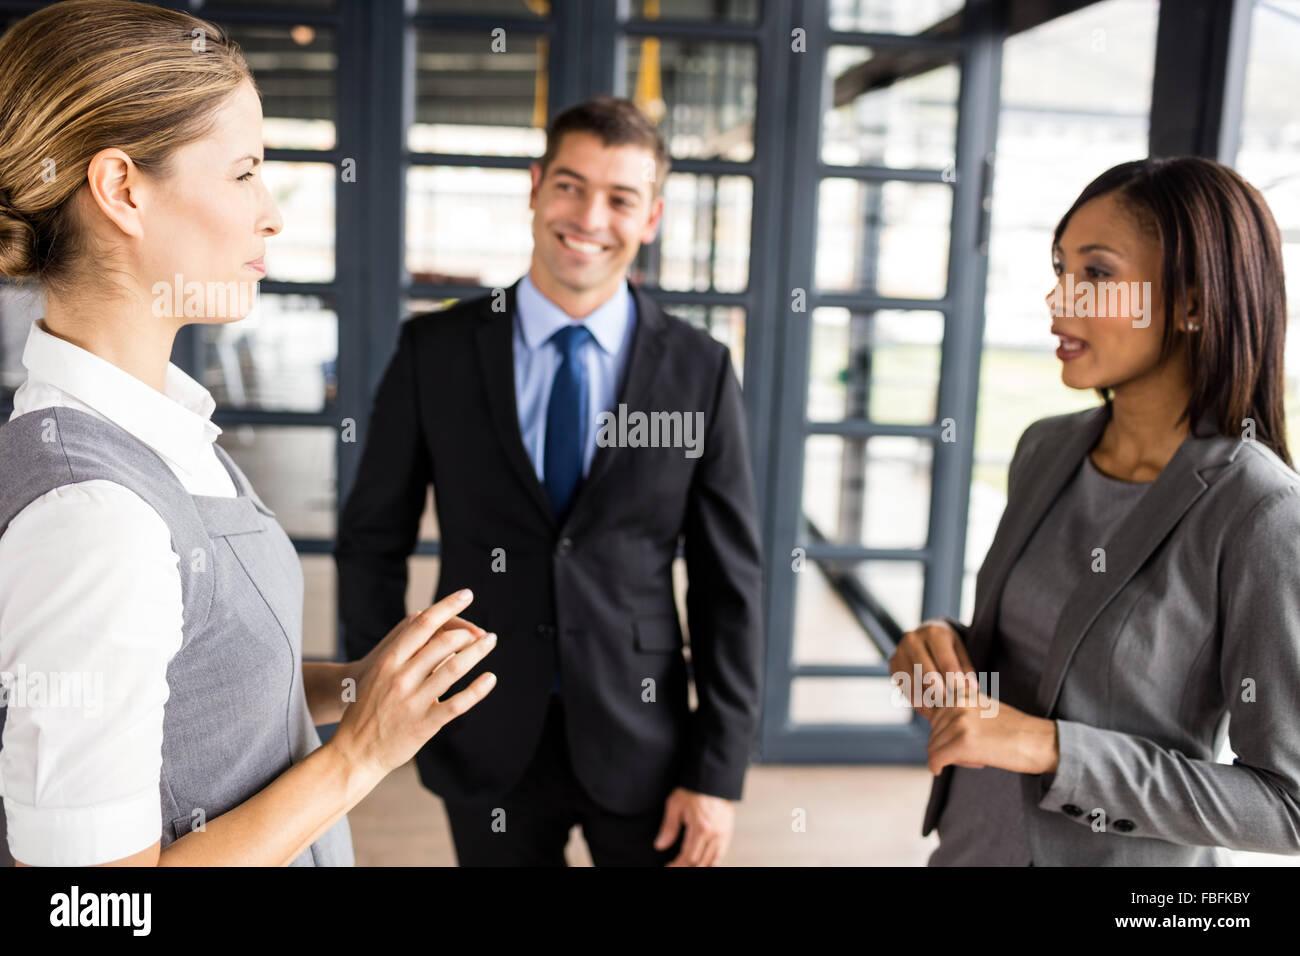 Ernste Angelegenheit Menschen miteinander reden Stockbild